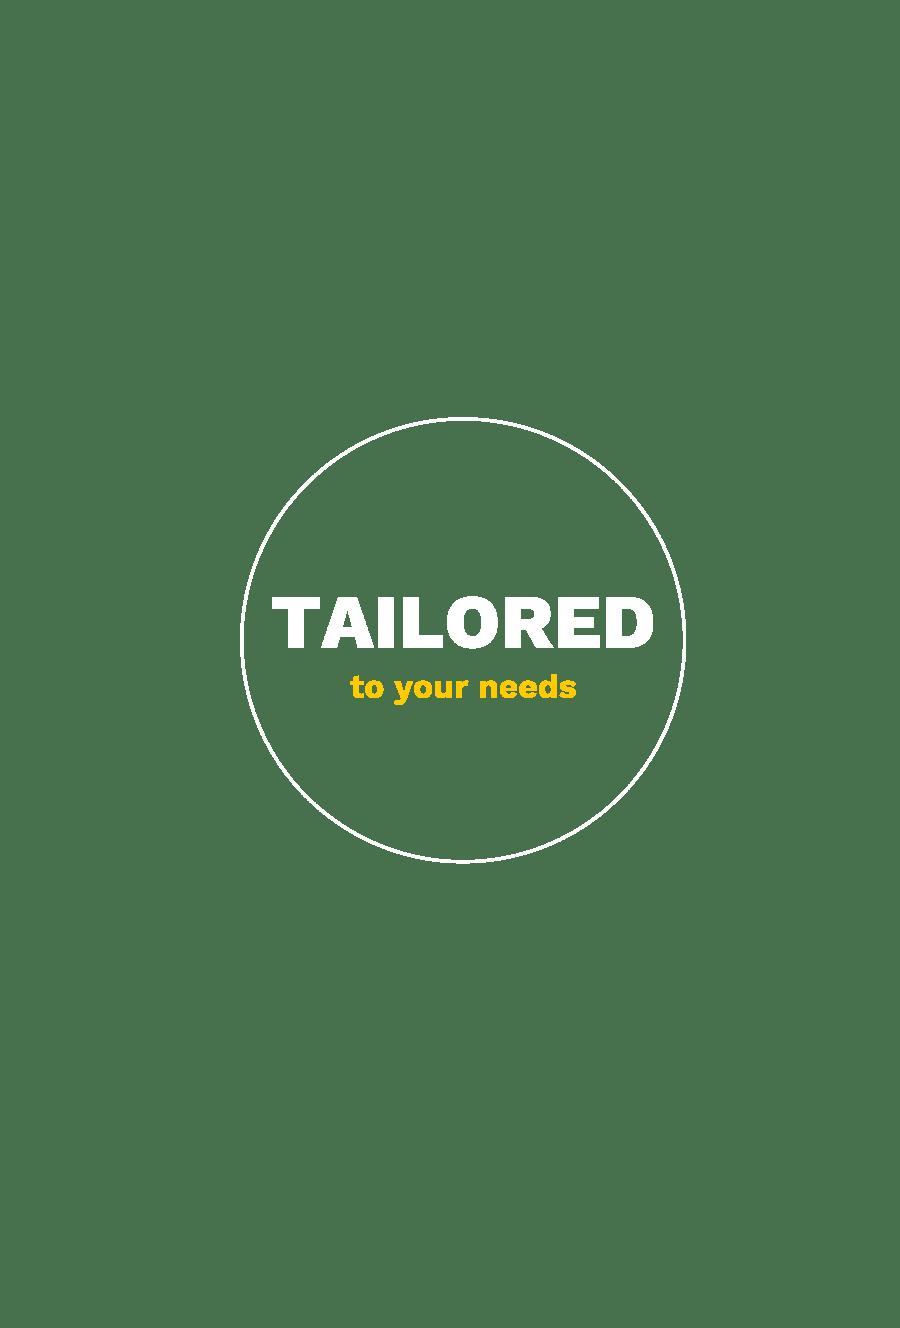 Plan 4: Tailored